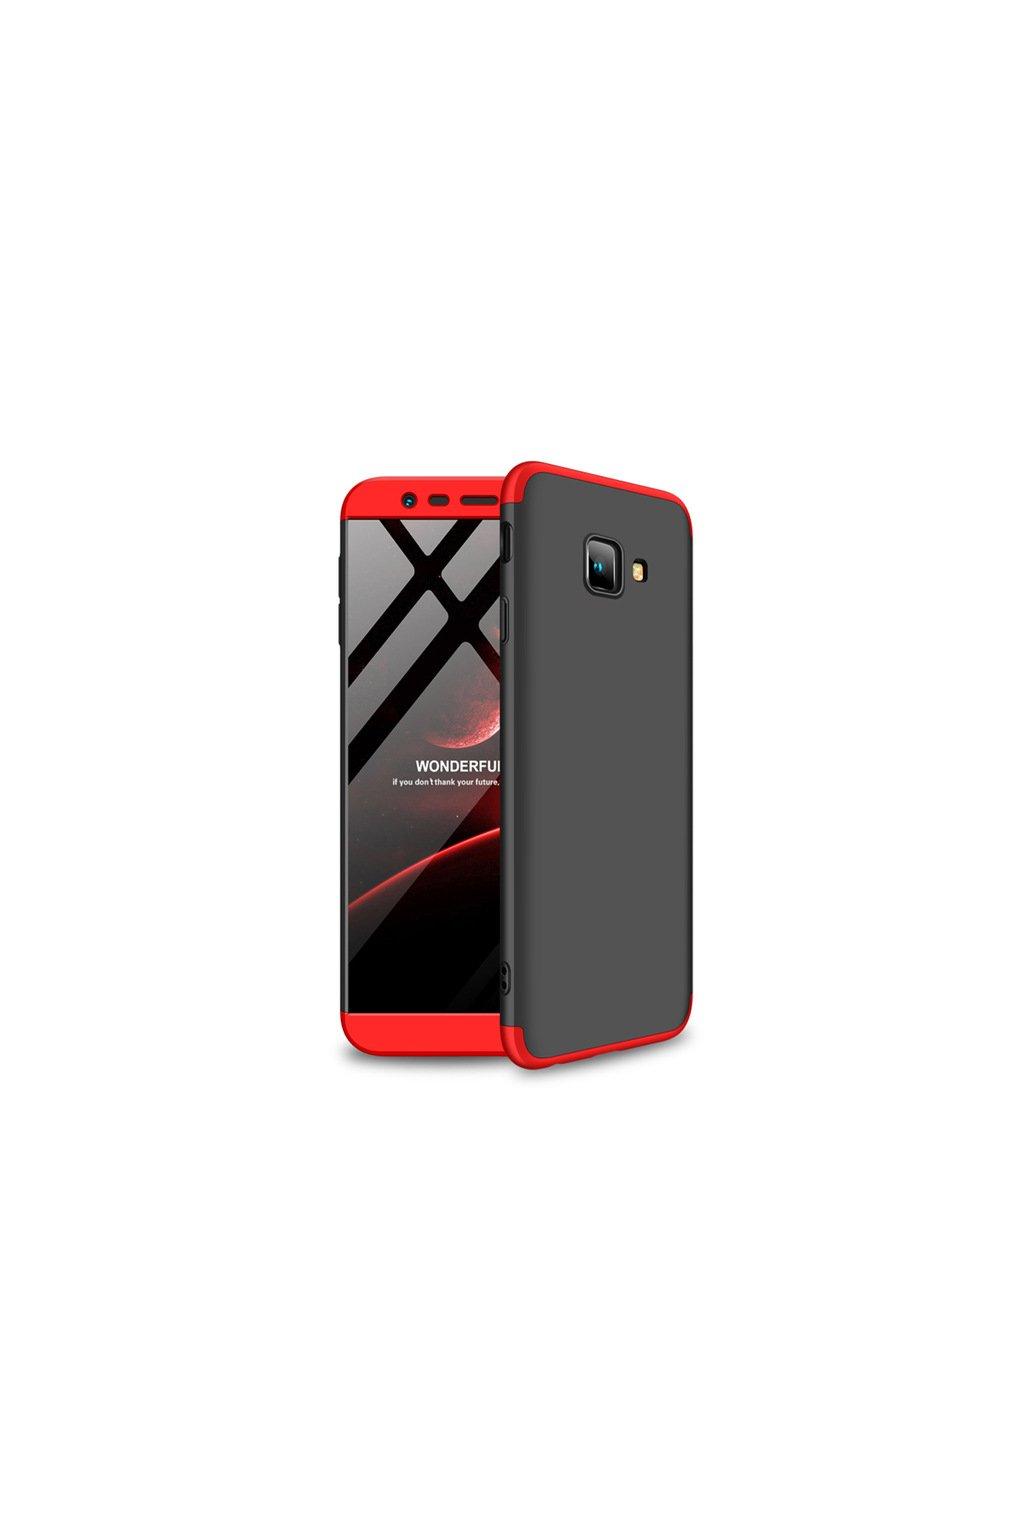 Vpower Case For Samsung Galaxy J4 Plus Case 360 Full Protection Shockproof For Samsung Galaxy J4.jpg 640x640